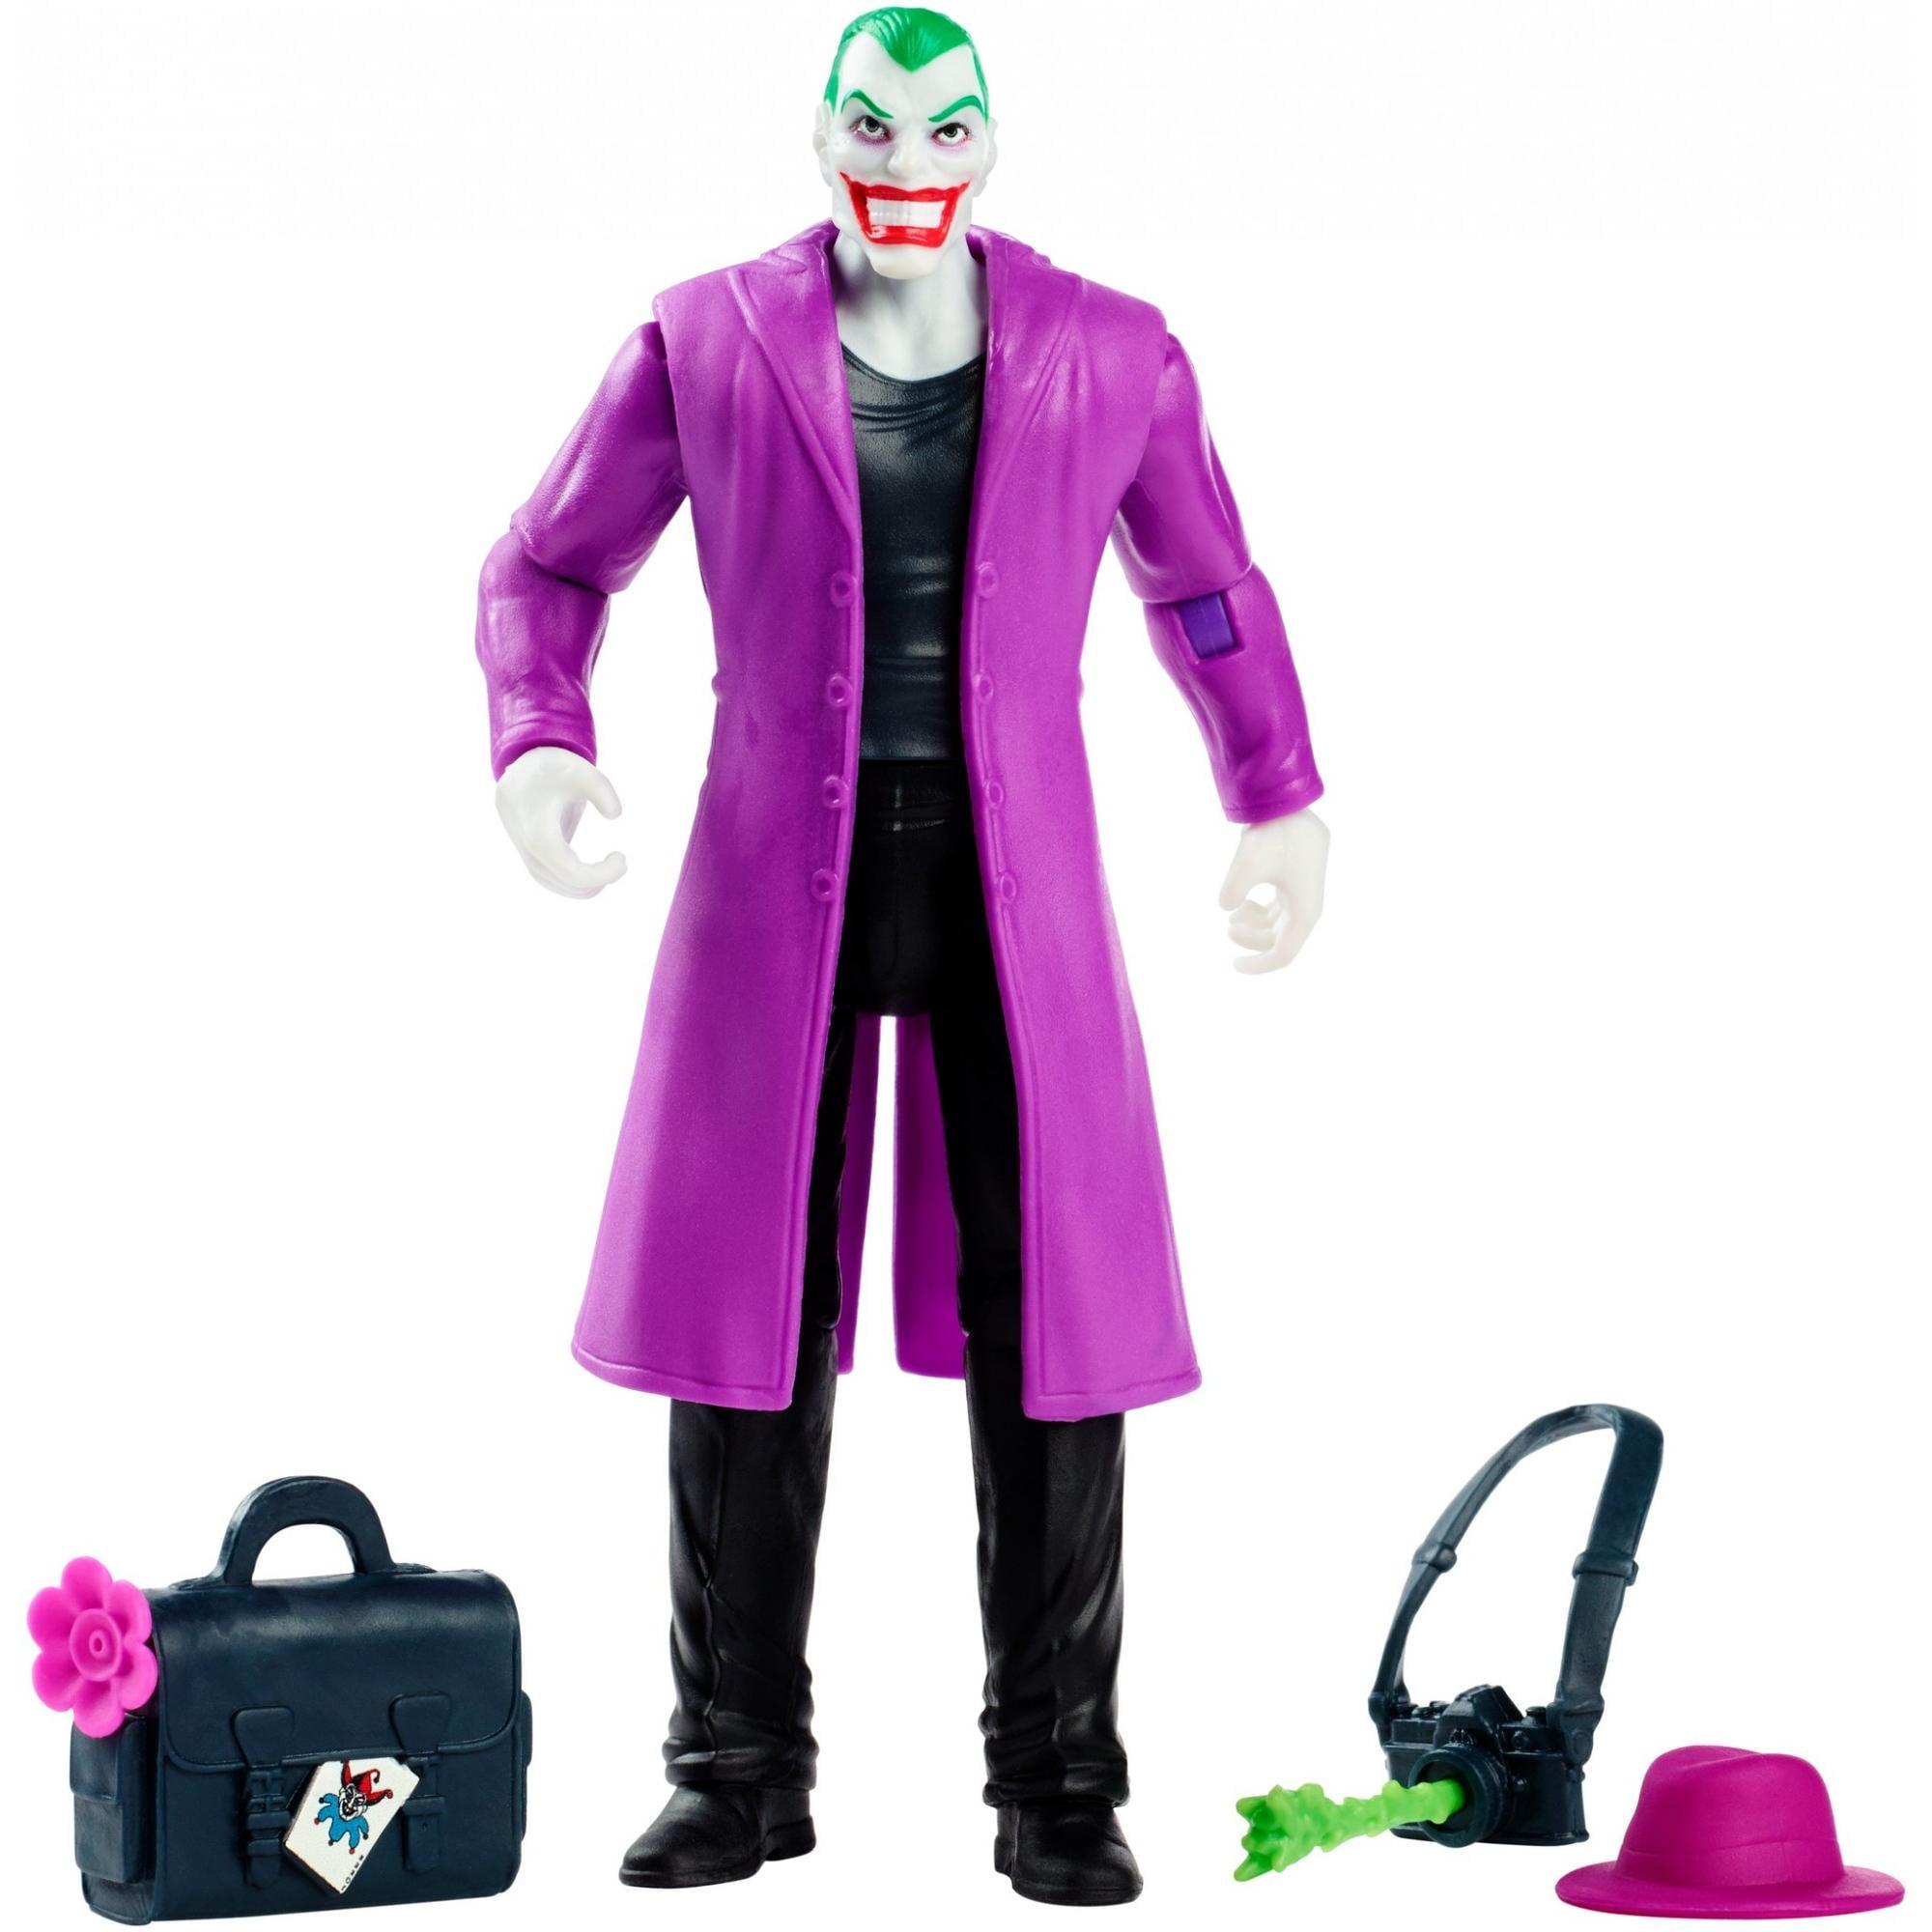 Batman Missions The Joker Figure by Mattel